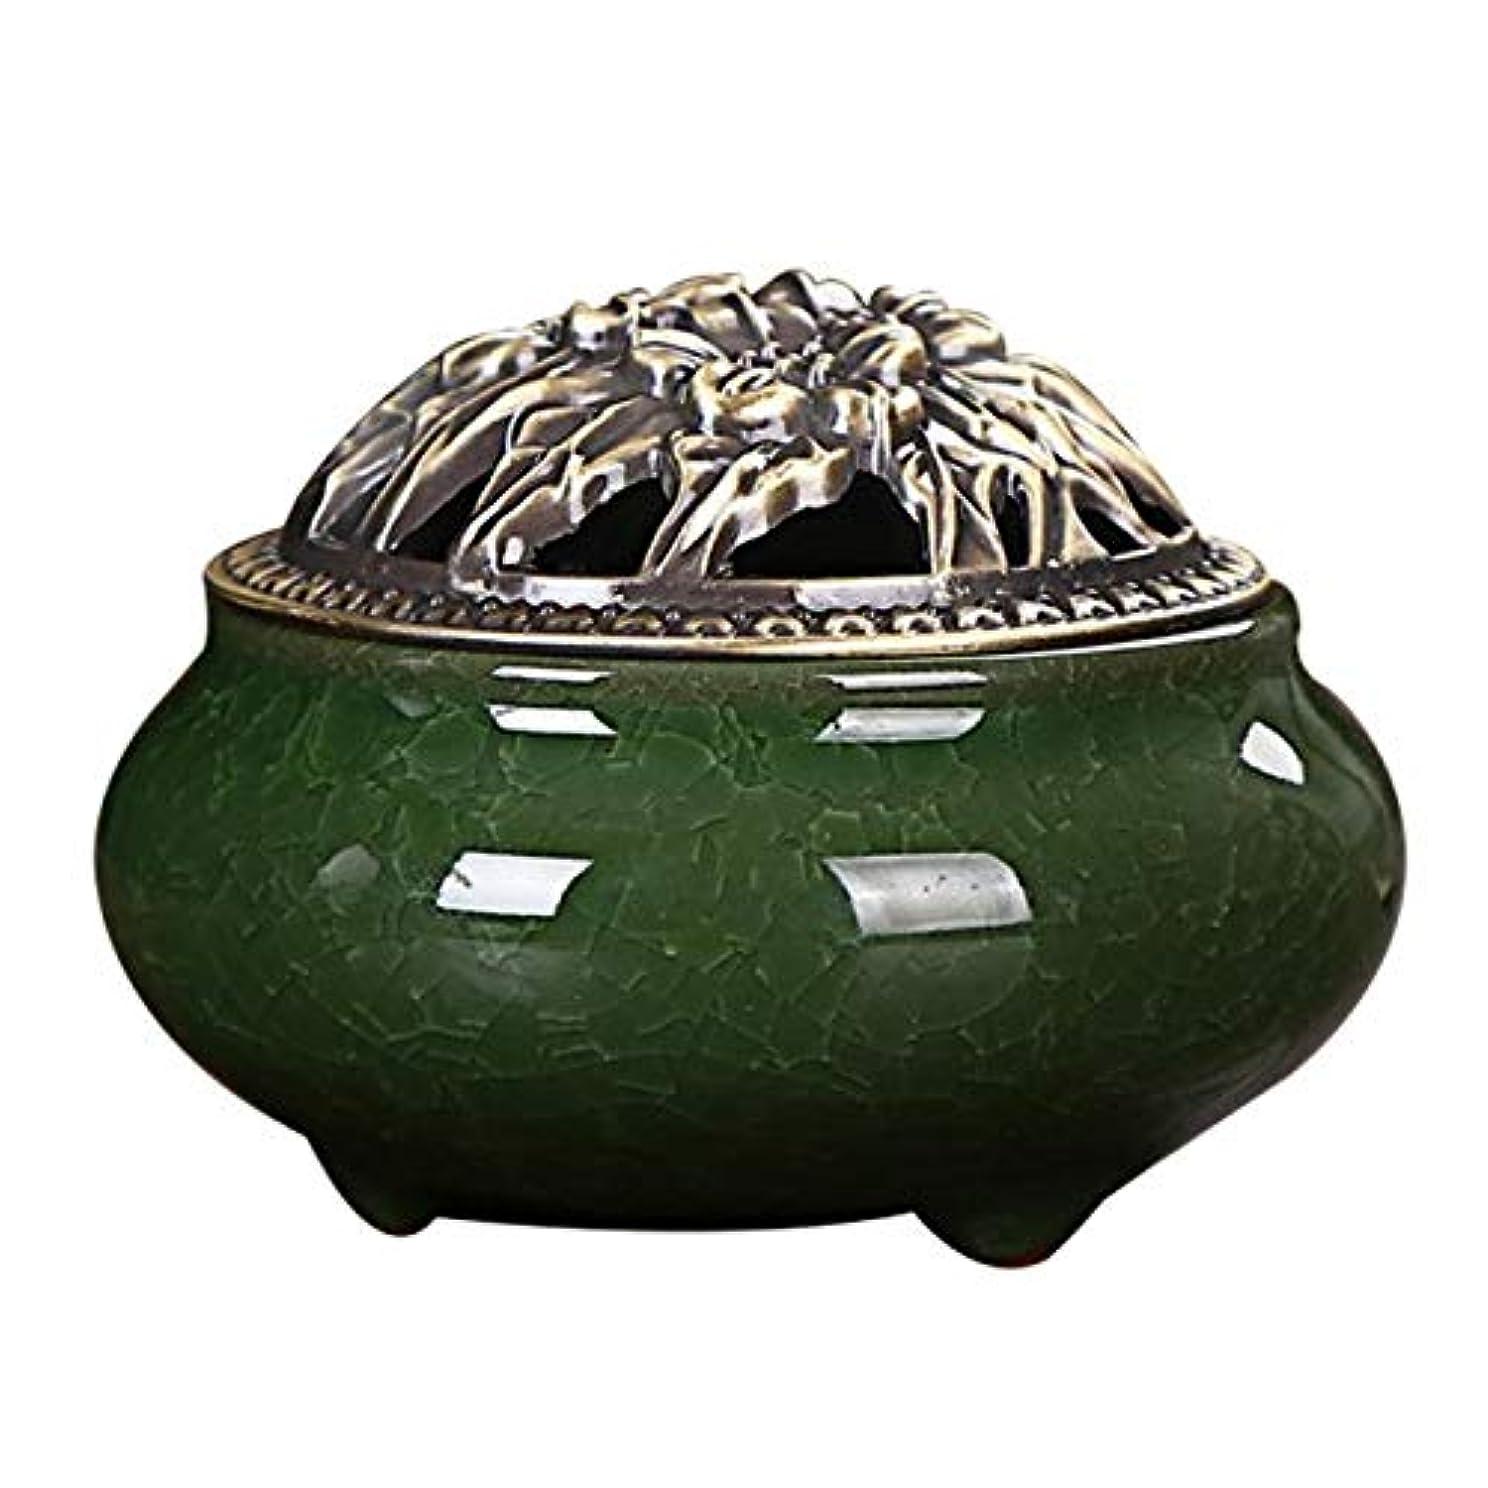 キュービック加入脅迫Zhaozhe陶磁器 香炉 香皿 セラミック 渦巻き線香 アロマ などに